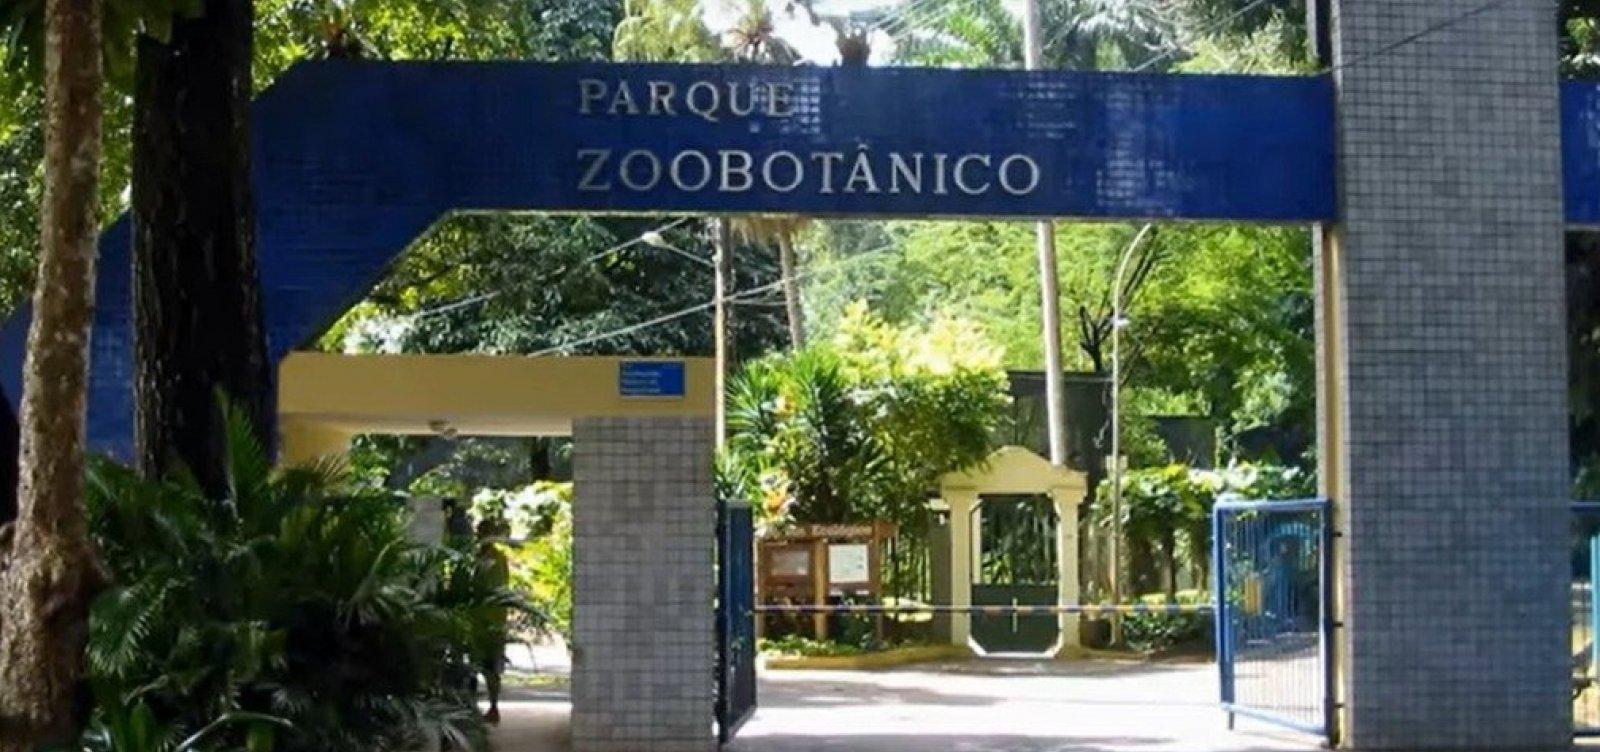 [Ambulantes protestam por reabertura de Zoológico em Salvador ]